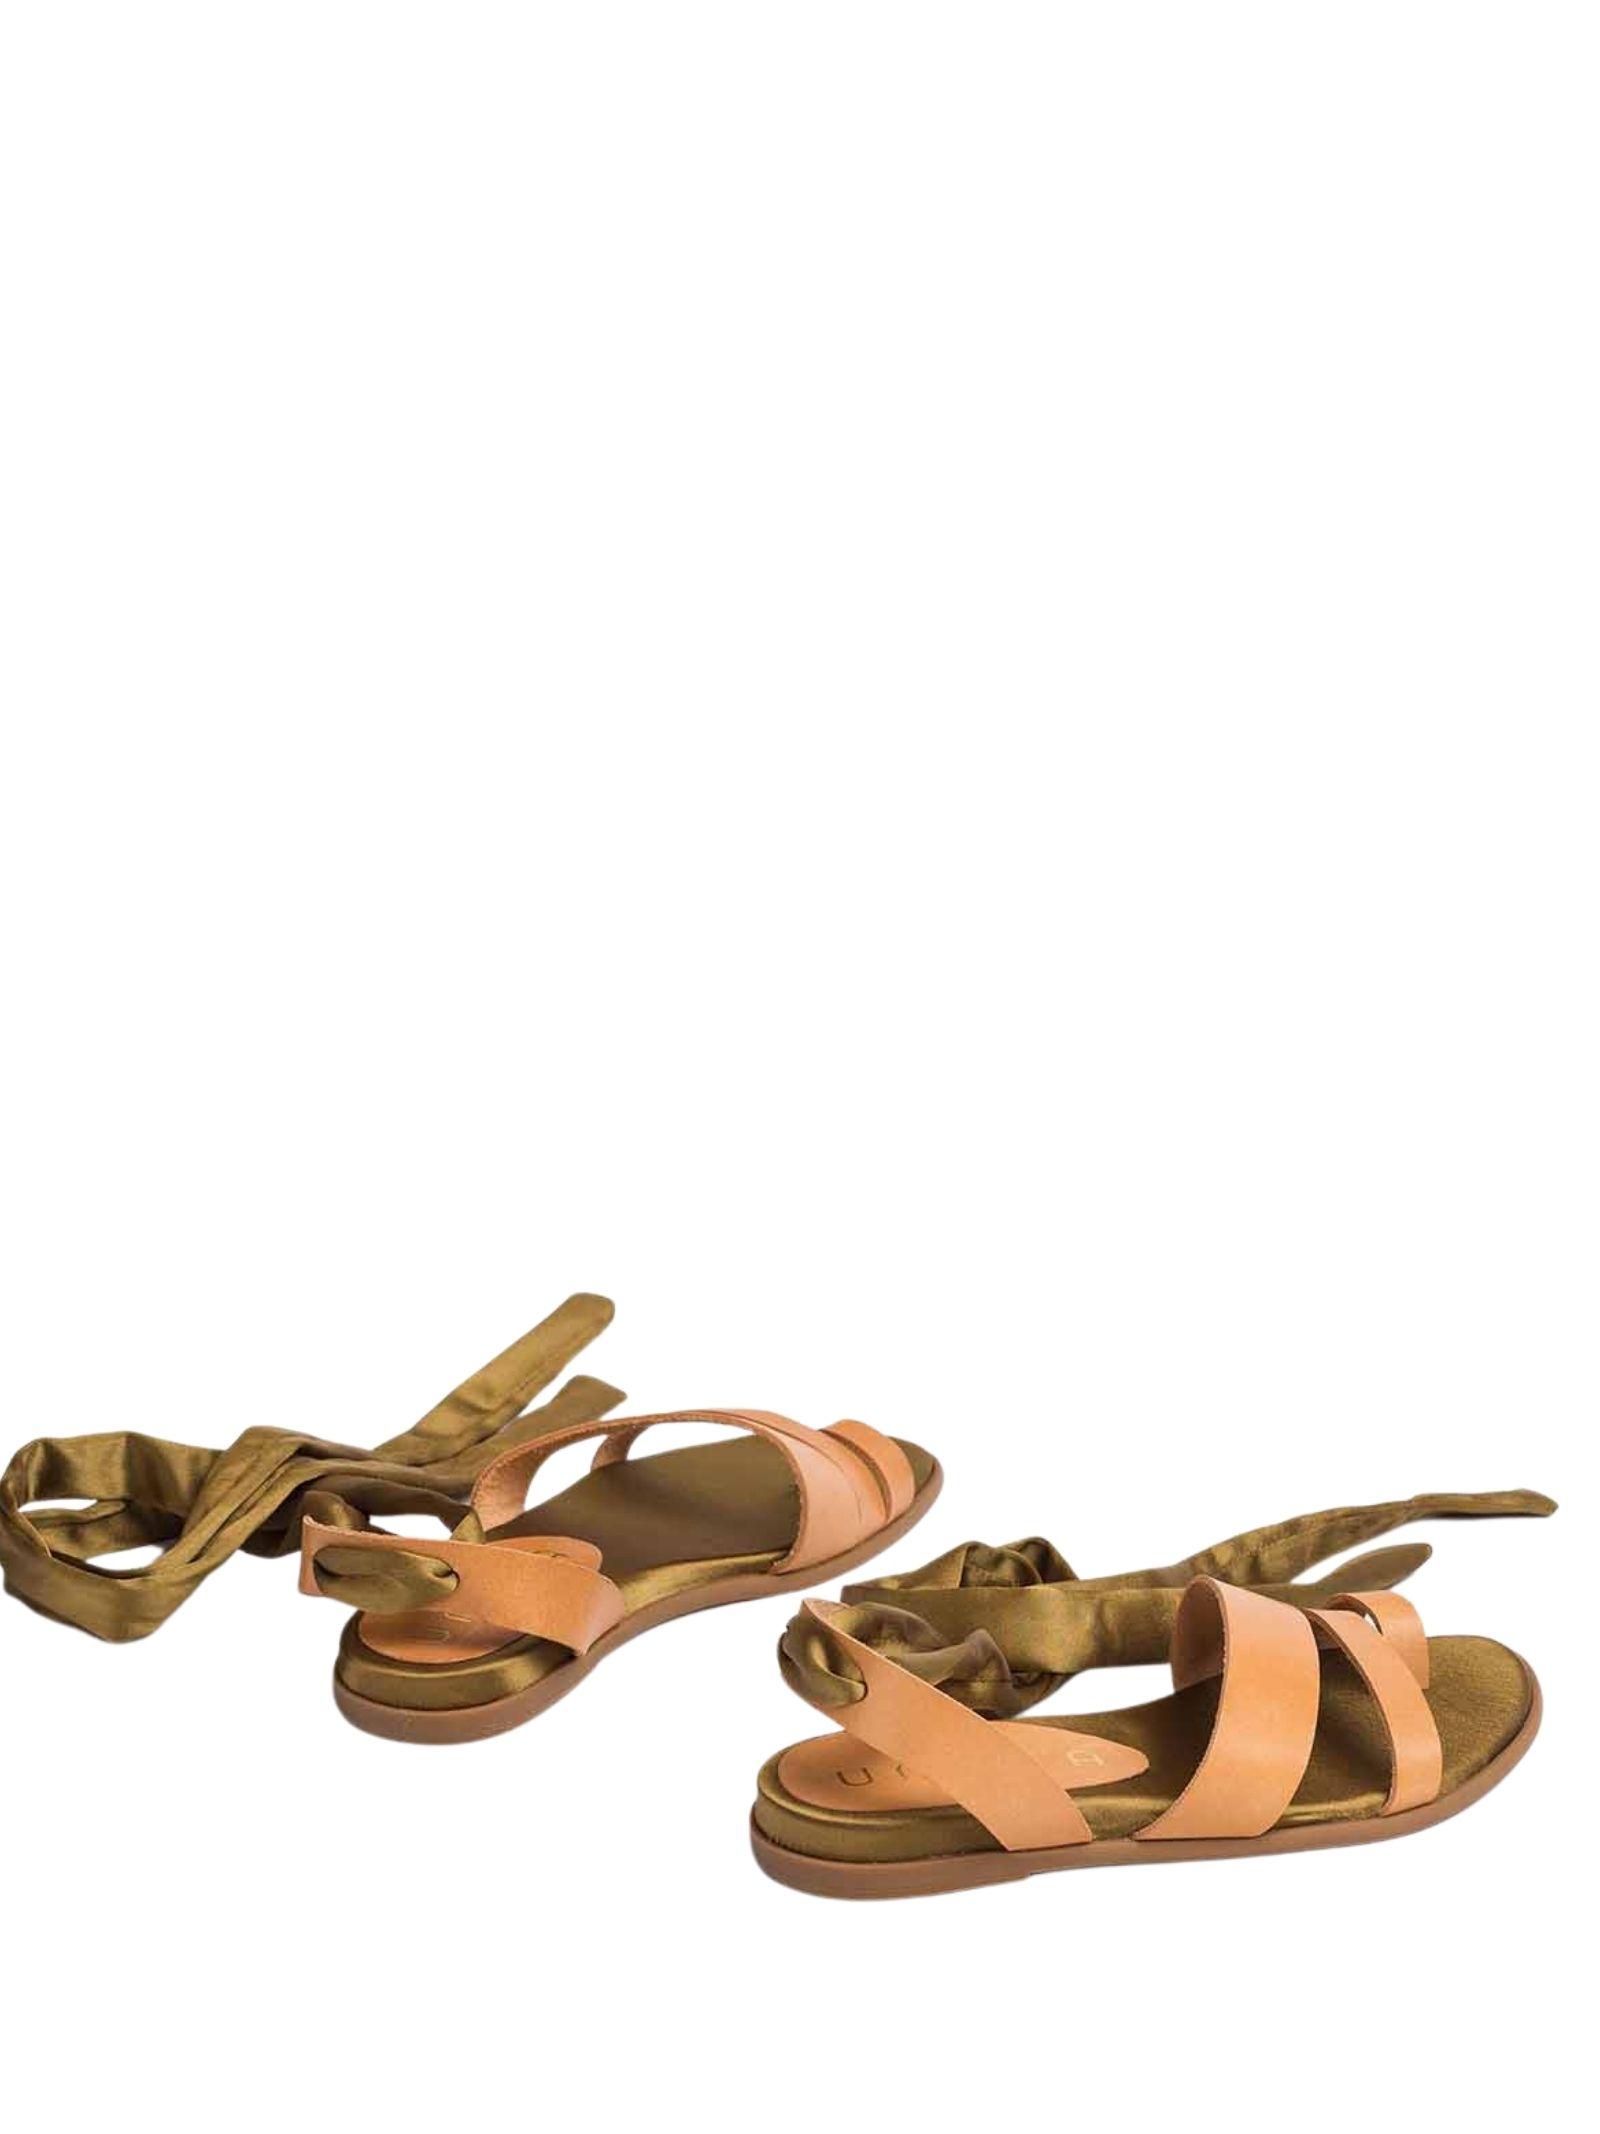 Calzature Donna Sandali Bassi in Pelle con Lacci alla Caviglia Unisa | Sandali Flat | CARAVI015